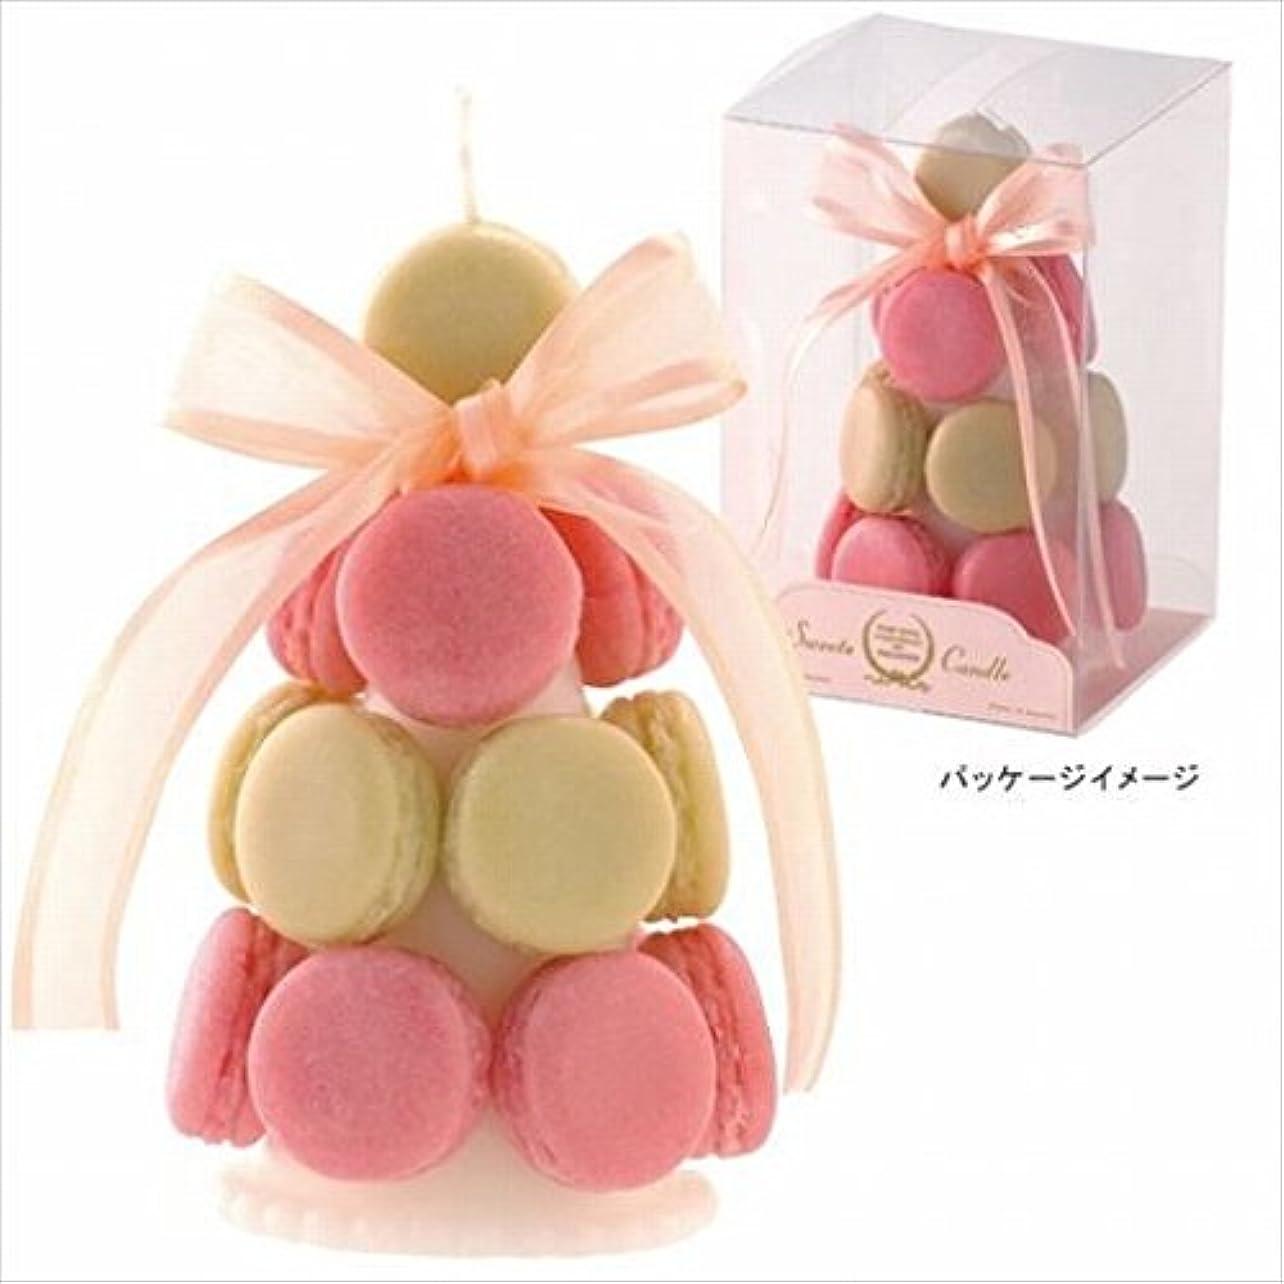 効率へこみ食器棚kameyama candle(カメヤマキャンドル) ハッピーマカロンタワー 「 キャラメル 」6個セット(A4580510)